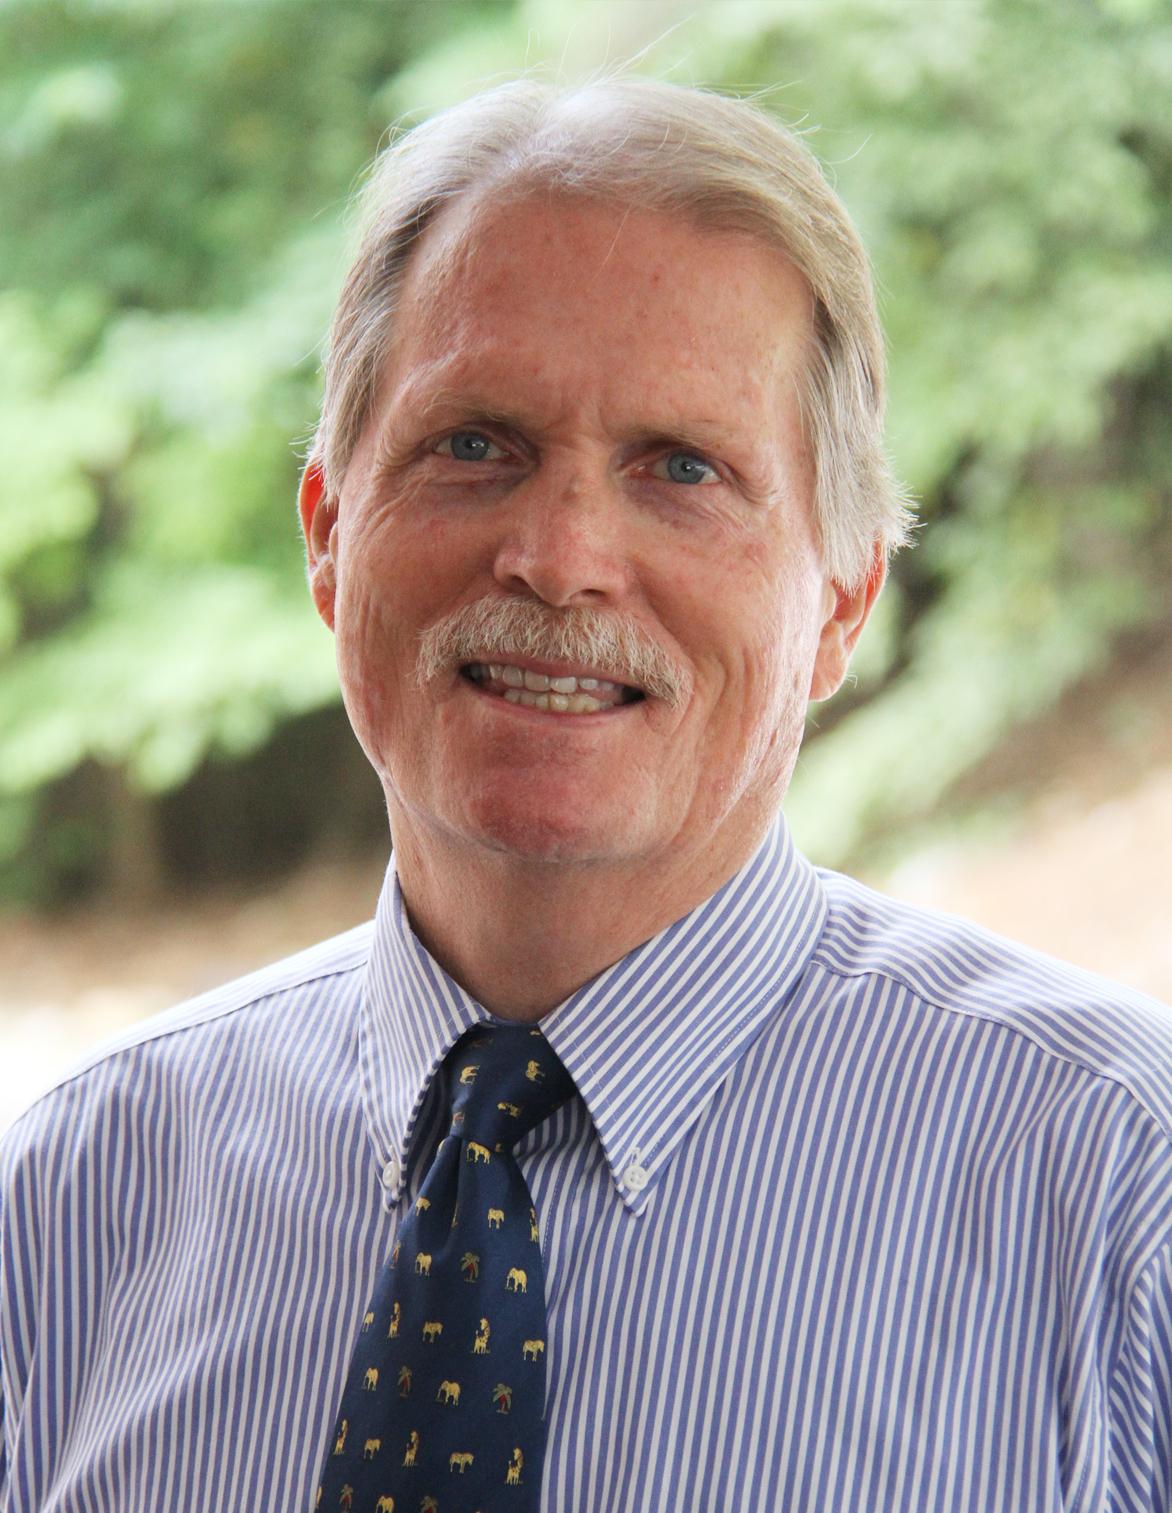 Byron Reynolds